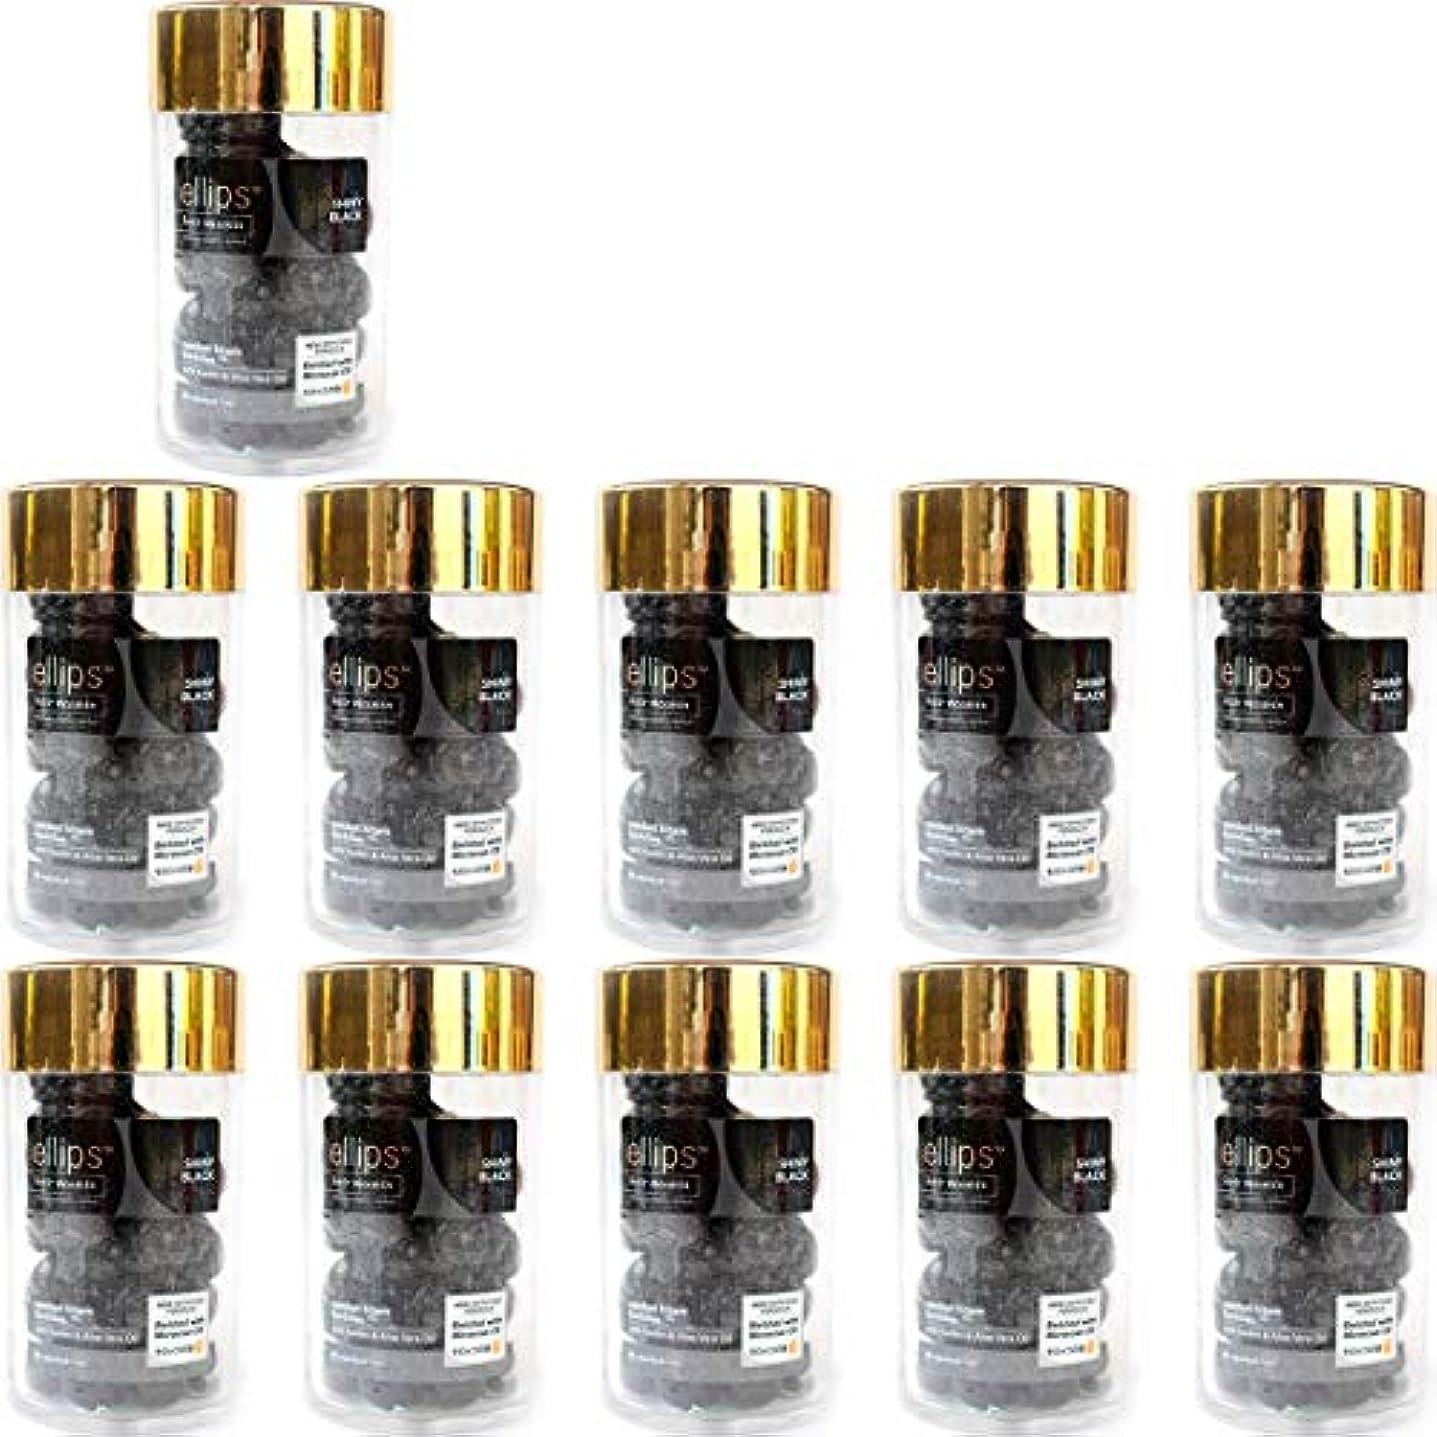 不従順等々不適切なellips エリプス ヘアビタミン ヘアオイル エリップス トリートメント ナチュラルシリーズ 50粒入ボトル ブラック 11個セット [海外直送品]